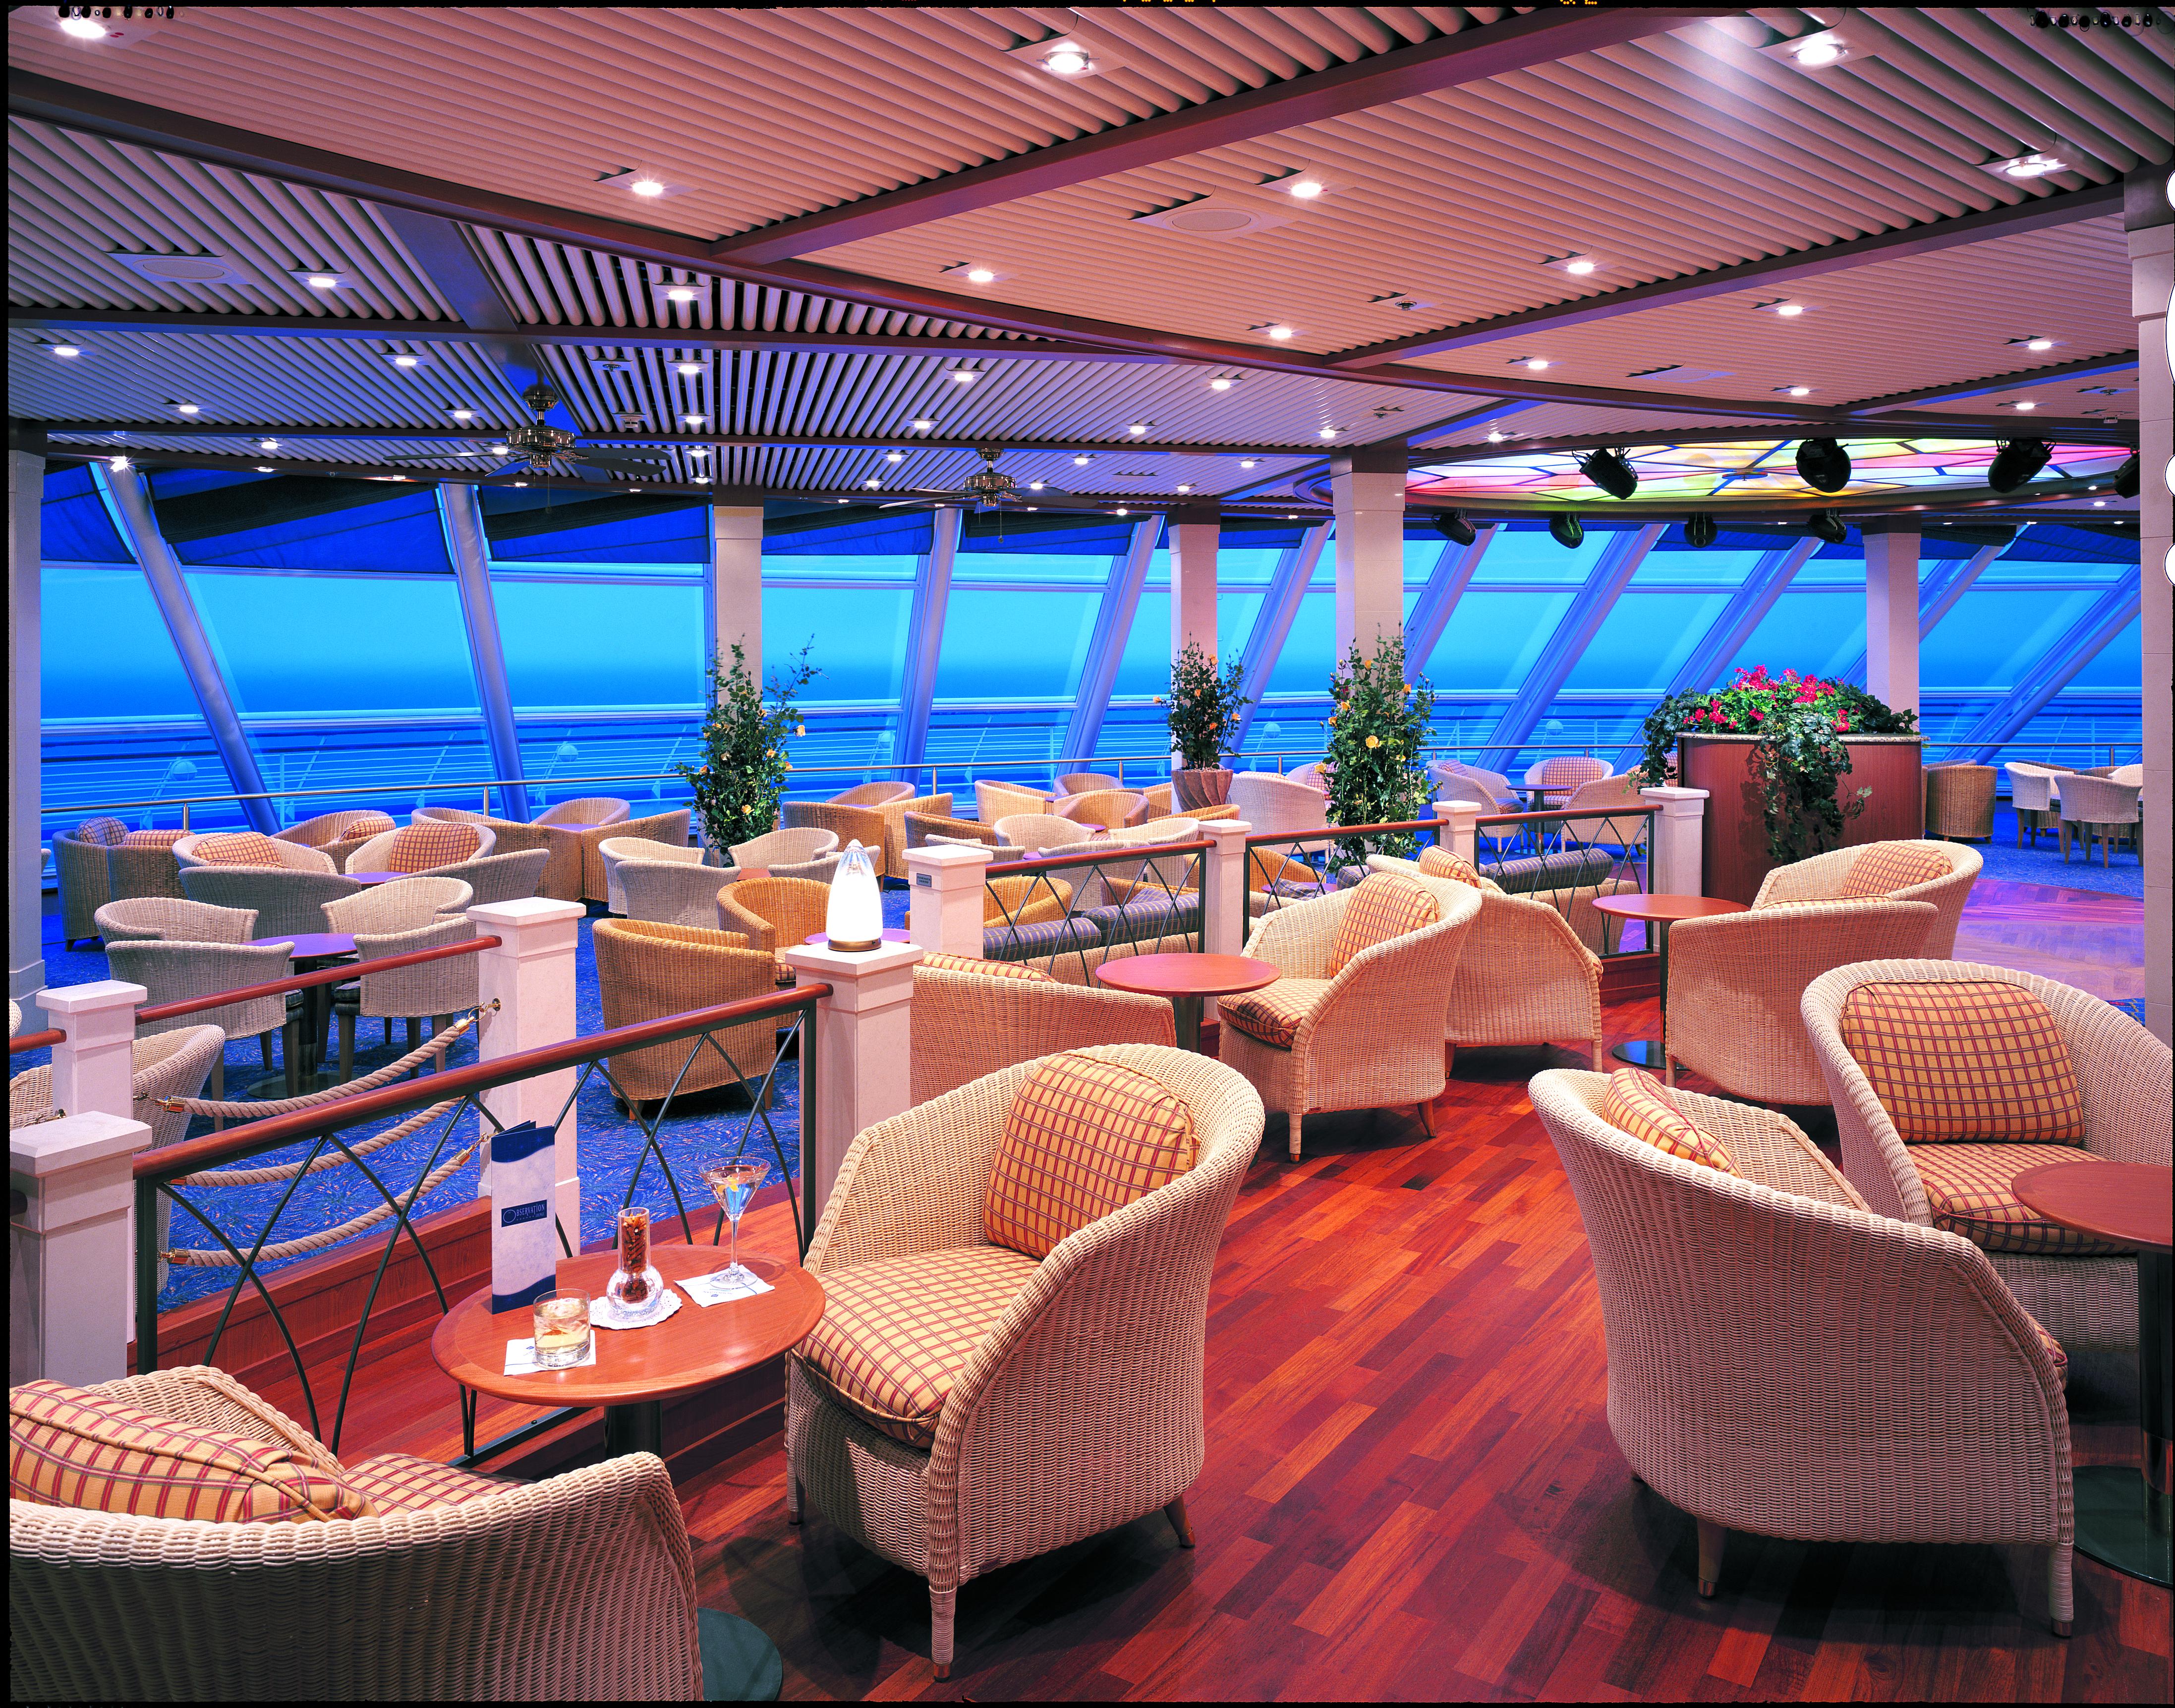 Norwegian sun norwegian cruise ship nclsunpublicclbcsino nclsunpublickidspool2 nclsunpublicobservlnge nclsunrstrntfourseasons sunameatriumweb baanklon Gallery